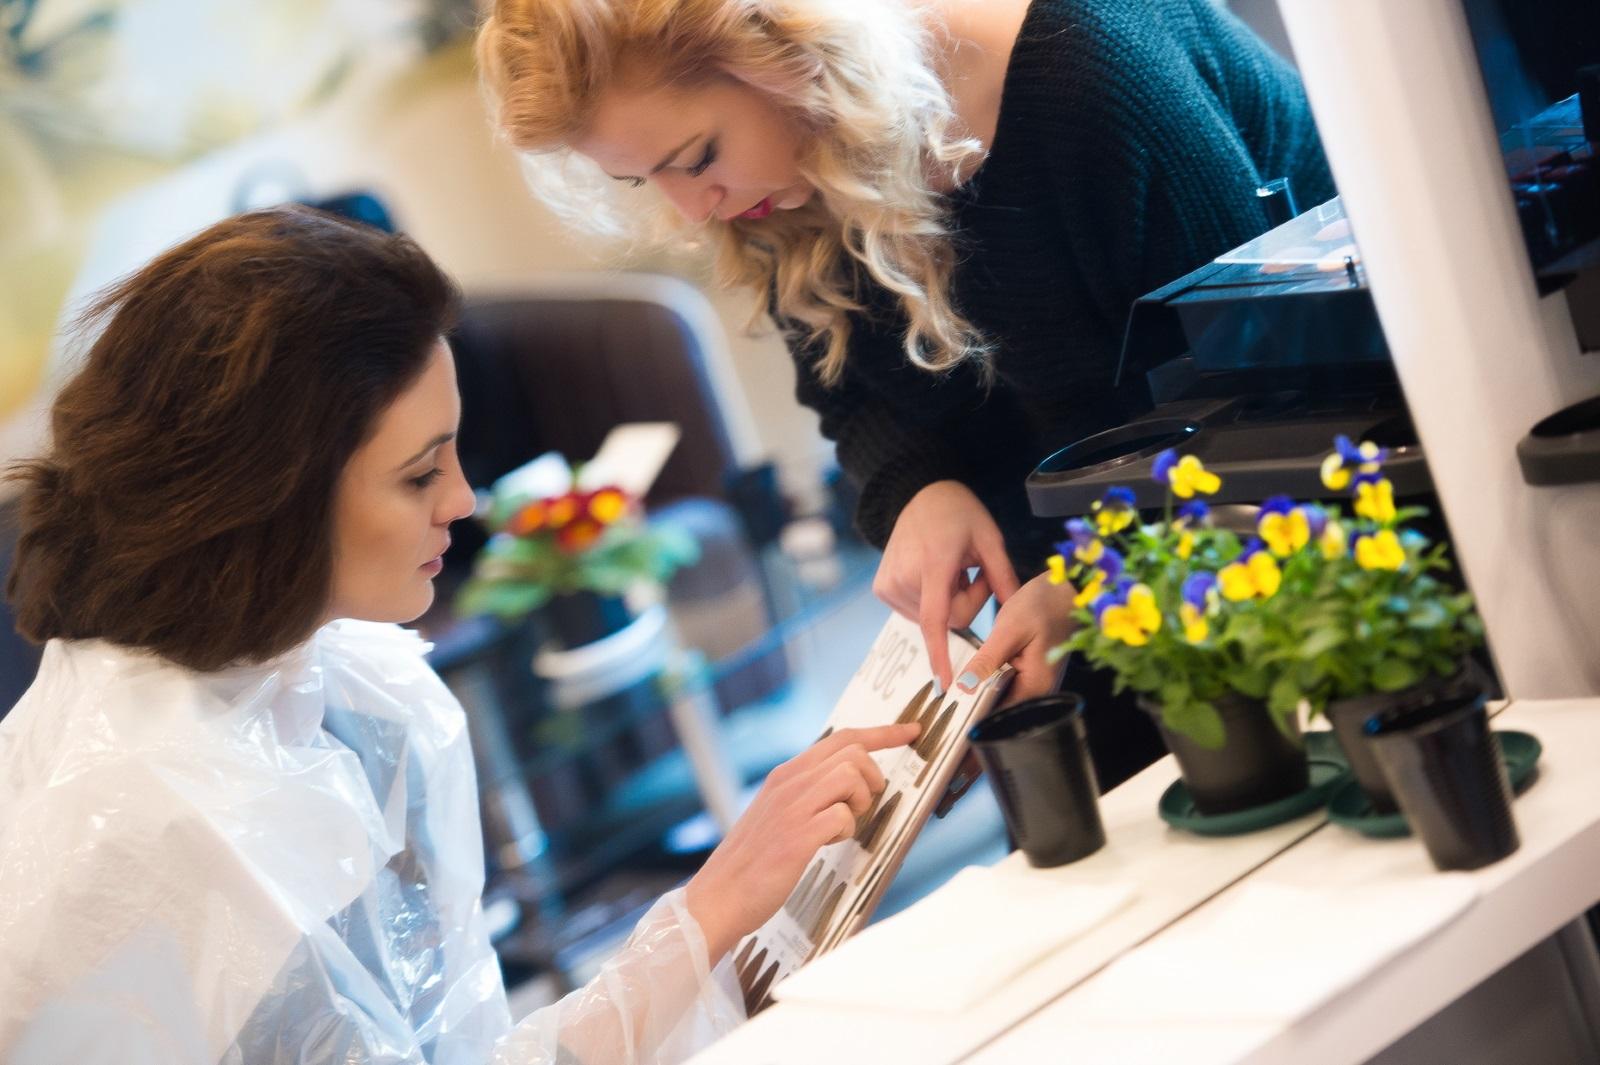 """Диана Димитрова отряза косите си, създавайки промяна във визията и ново начало за д-р Огнянова в """"Откраднат живот"""".<br /> Една от най-обичаните актриси в хитовия български медицински сериал реши да остави в миналото дългите къдрици и да направи решаваща стъпка в живота на всяка жена."""